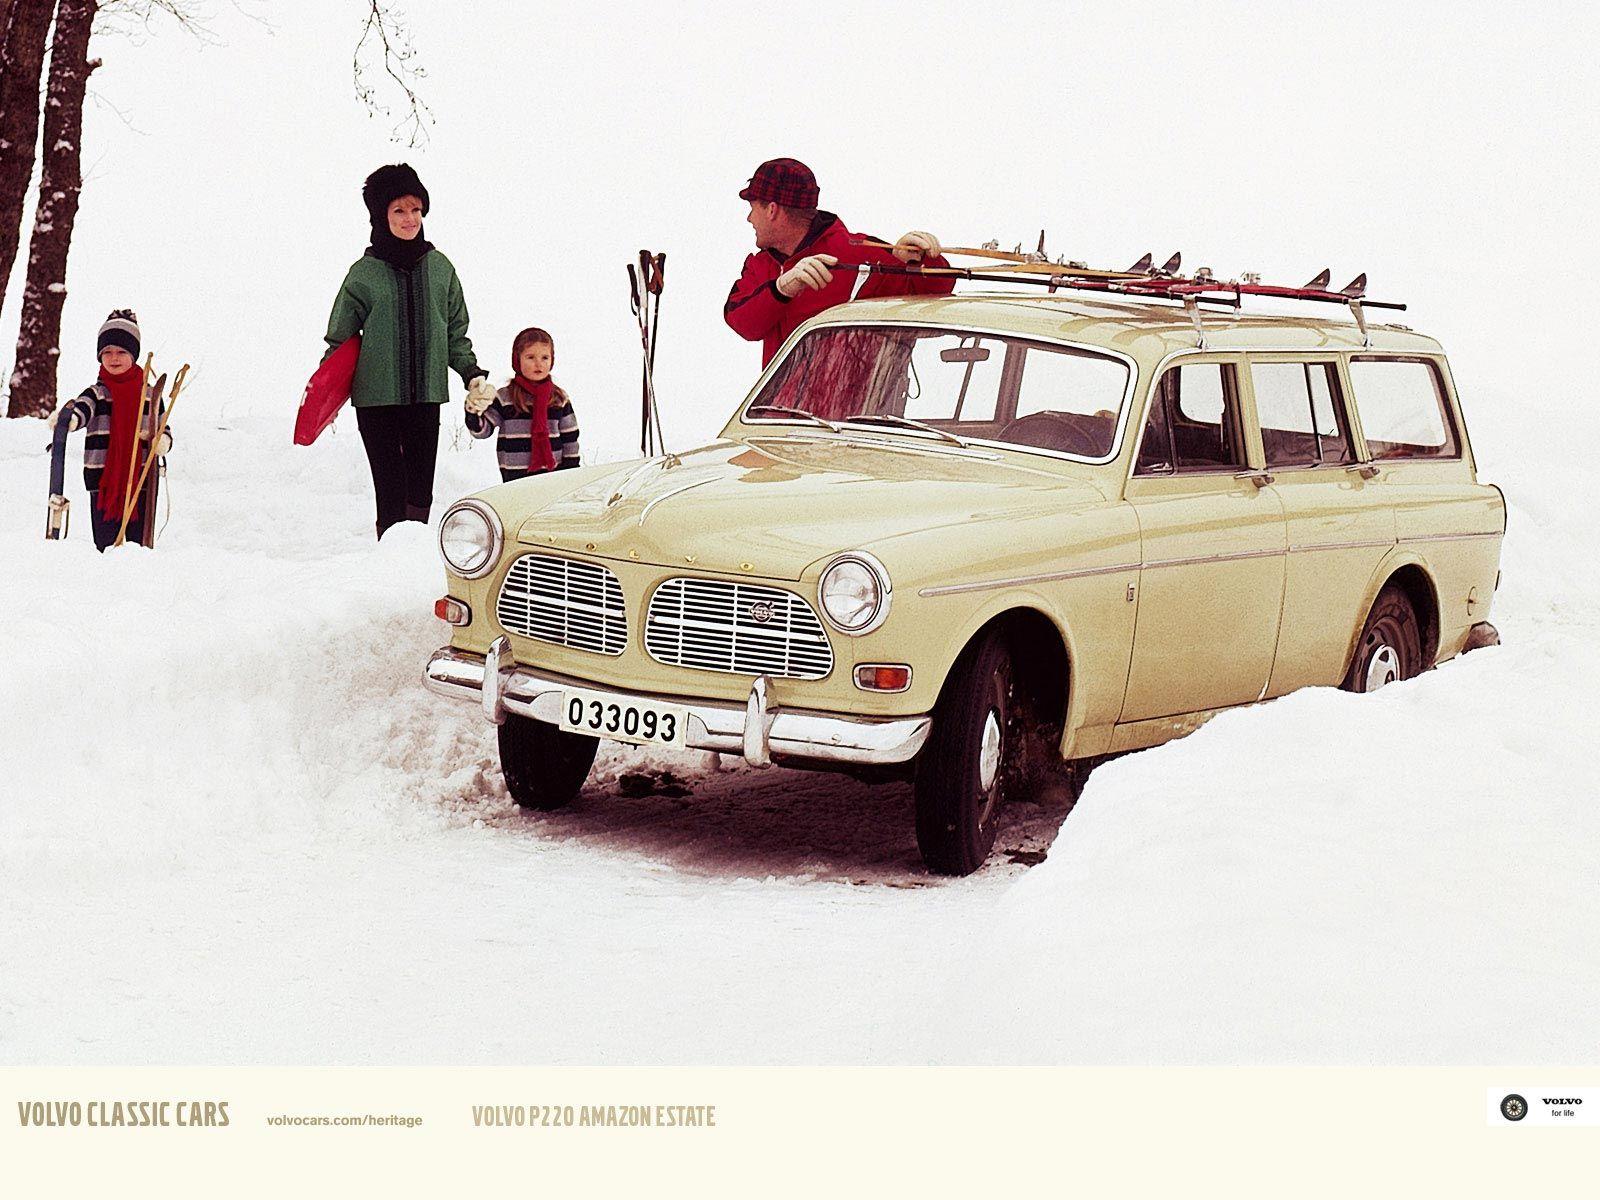 1966 Volvo P220 Amazon Estate